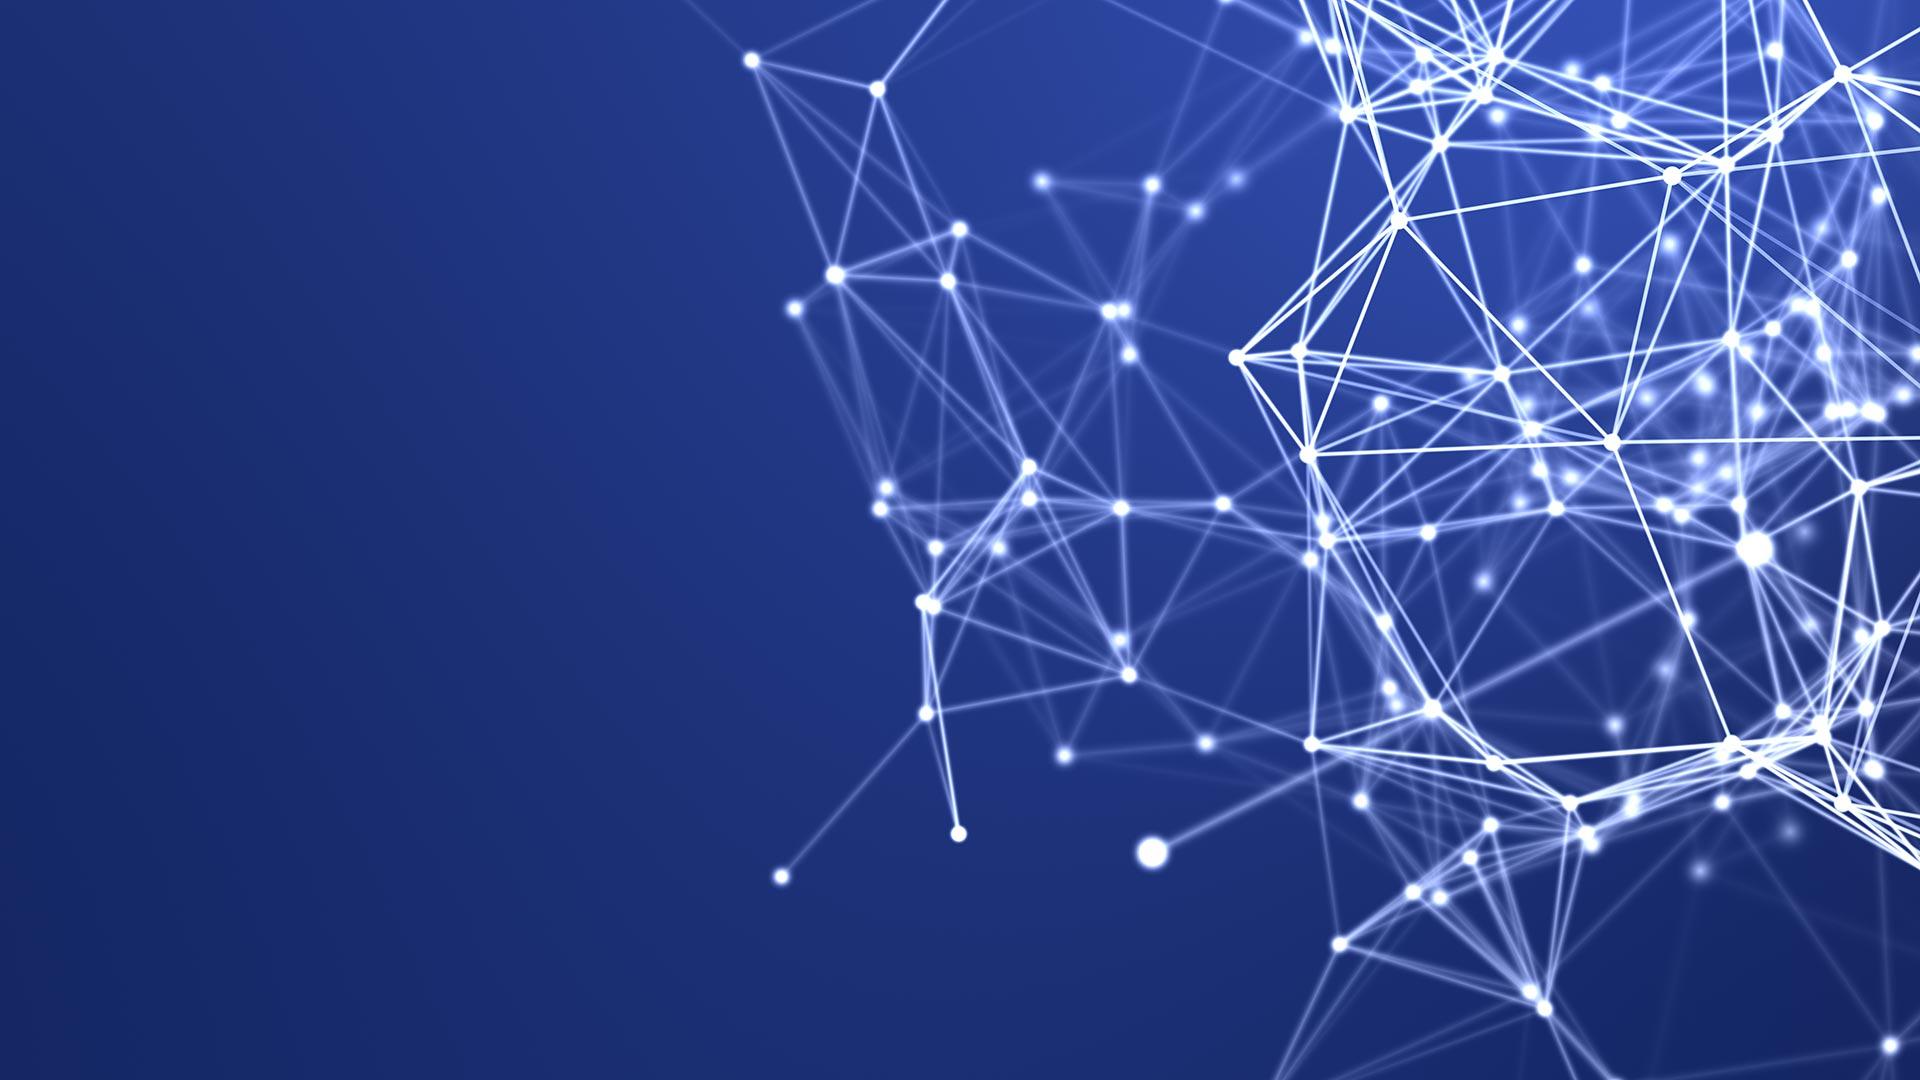 Фоновые картинки сеть